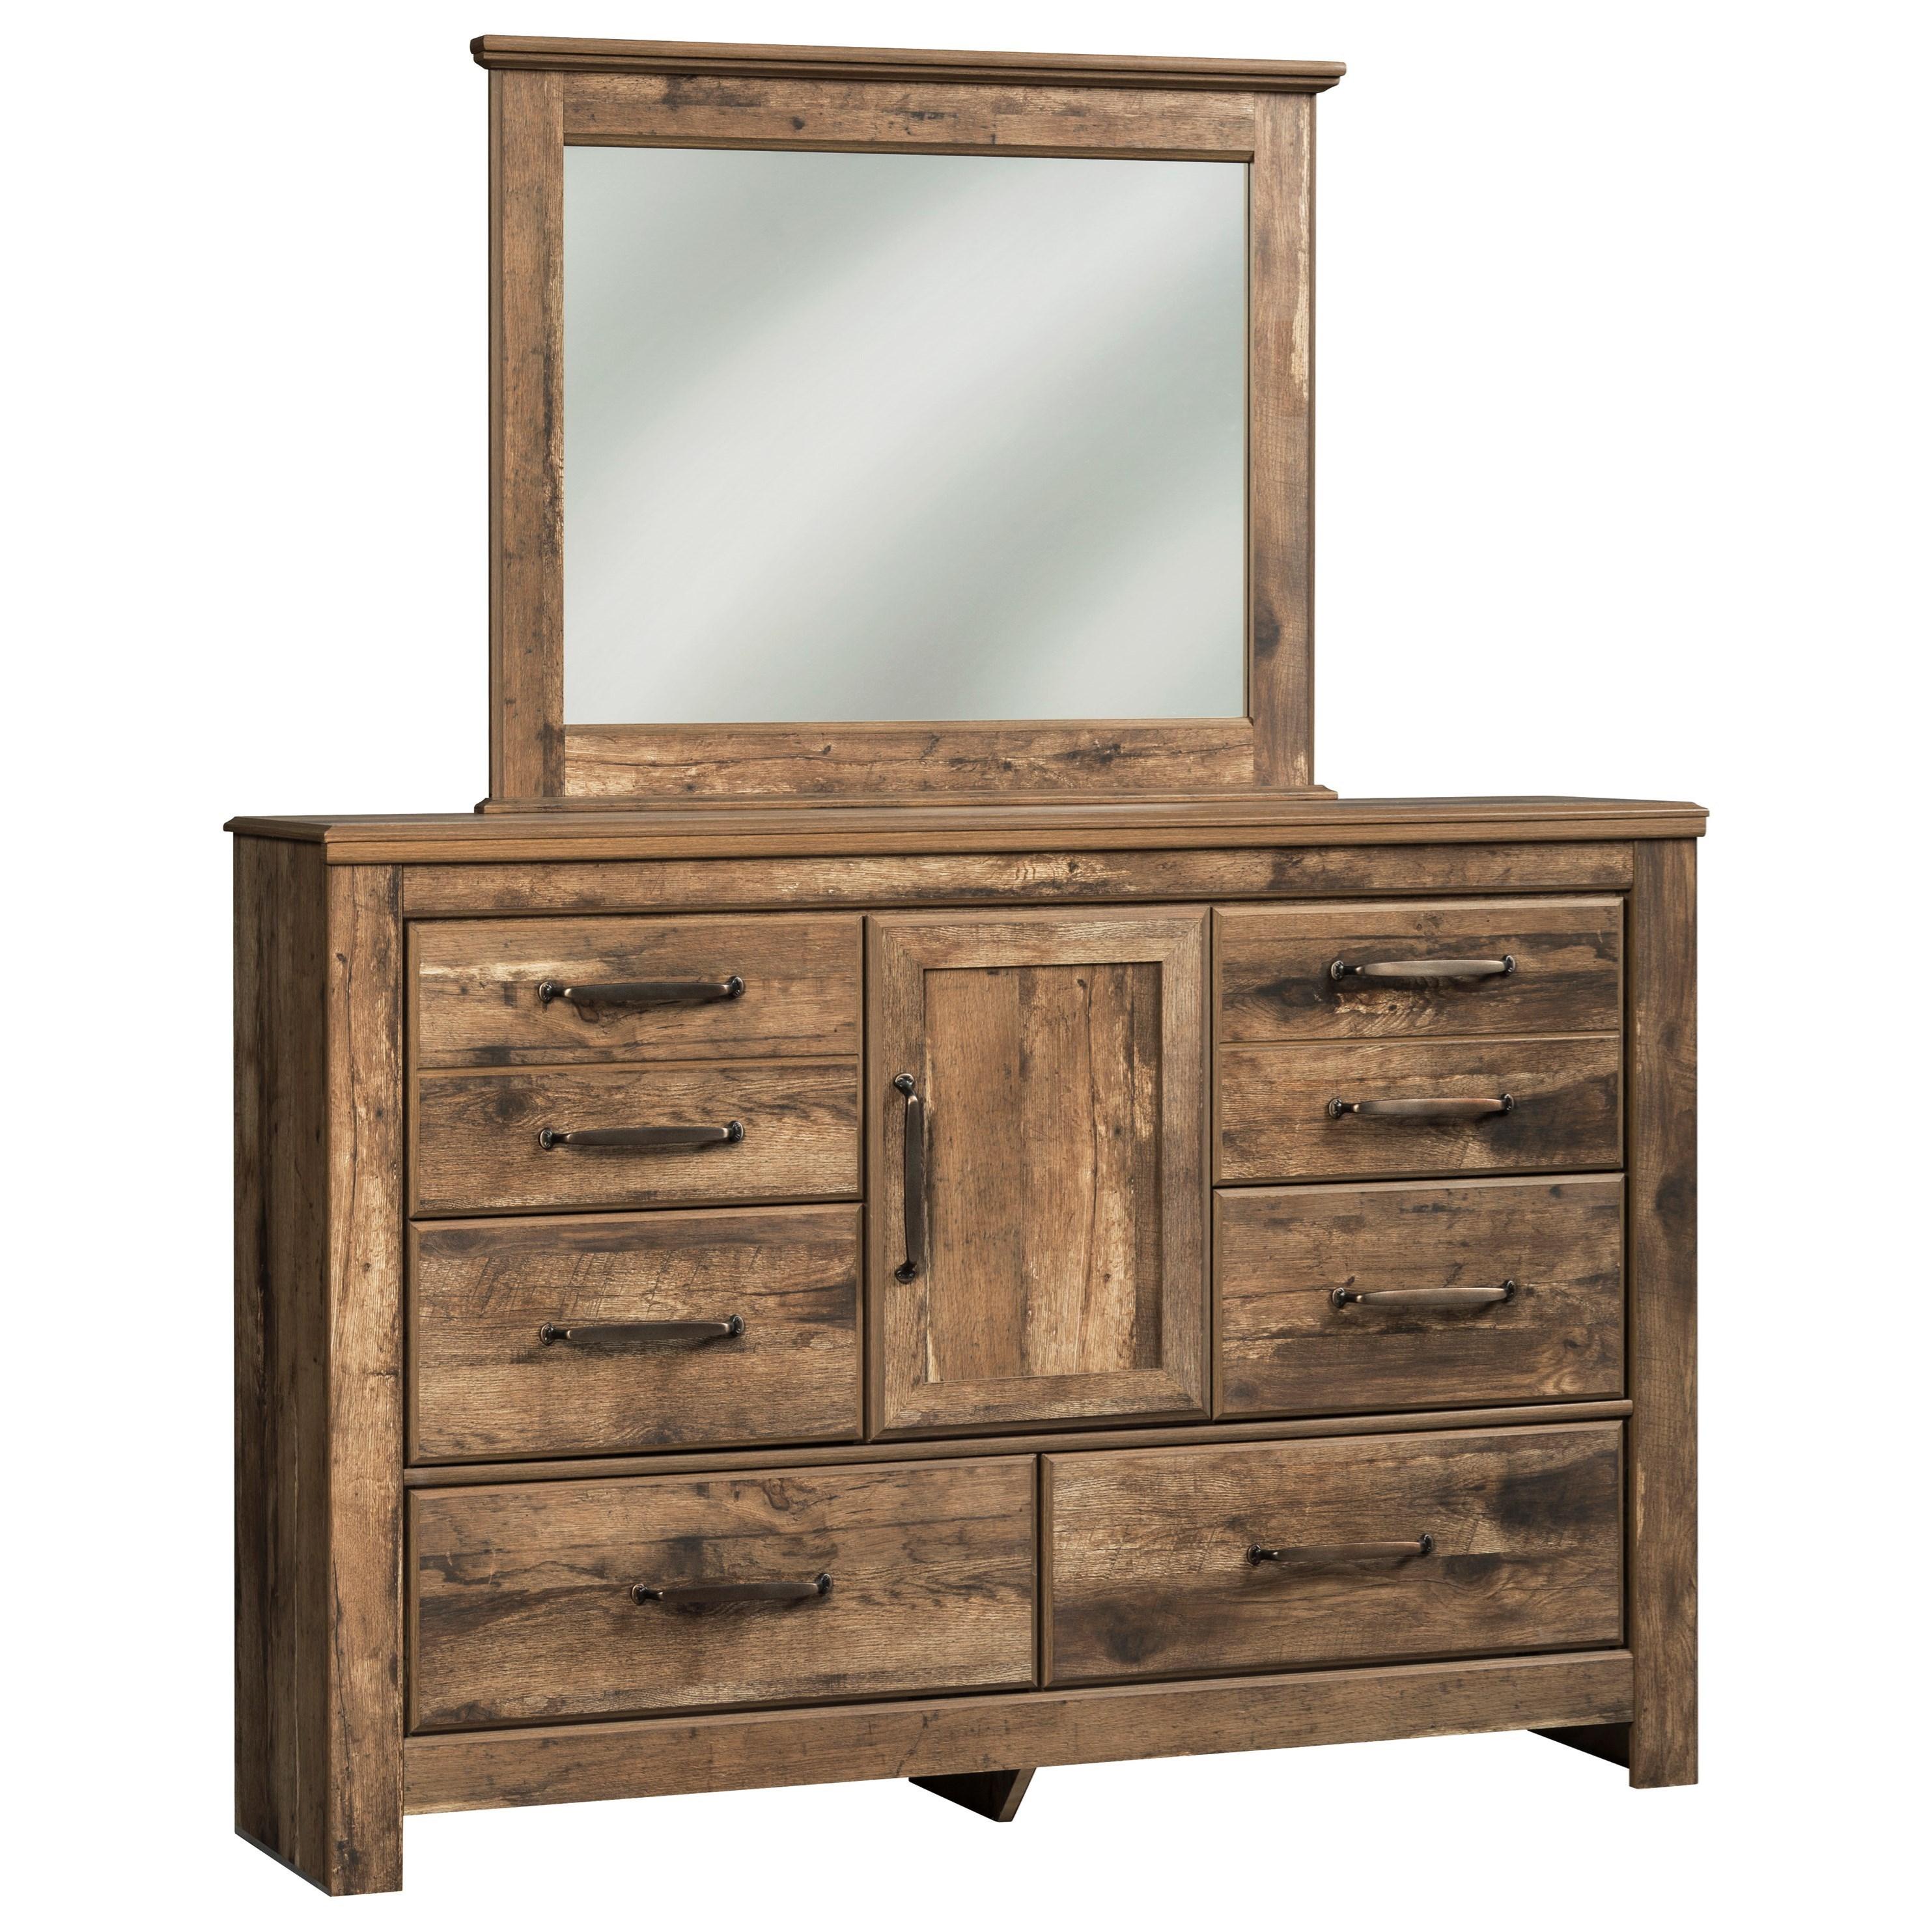 Dresser & Bedroom Mirror